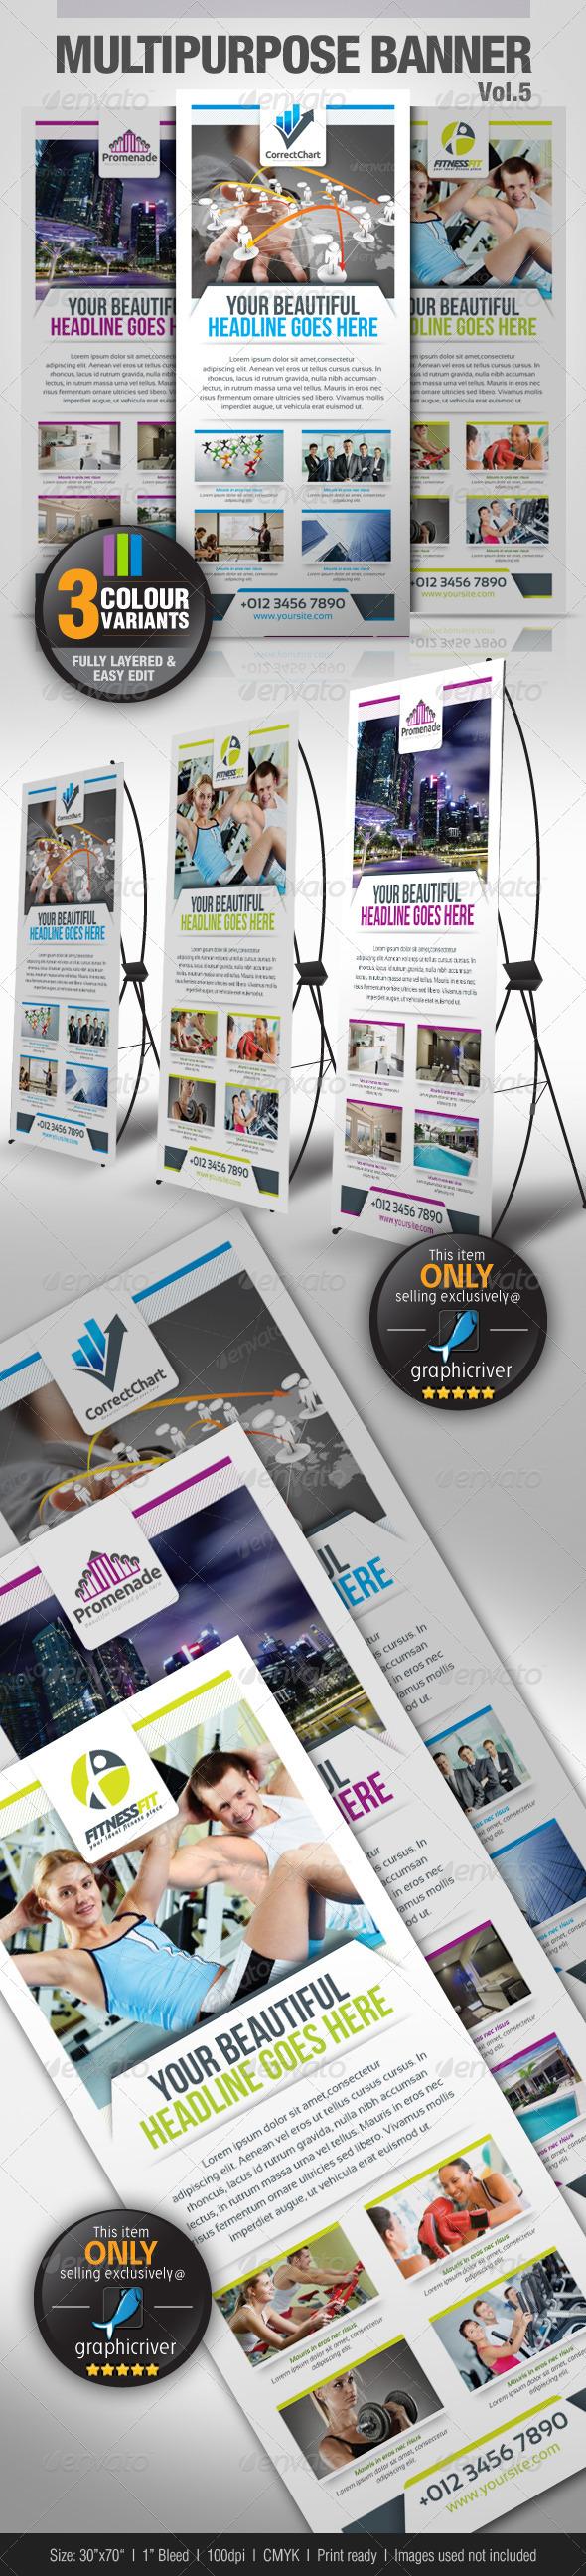 GraphicRiver Multipurpose Banner Vol.5 3047323